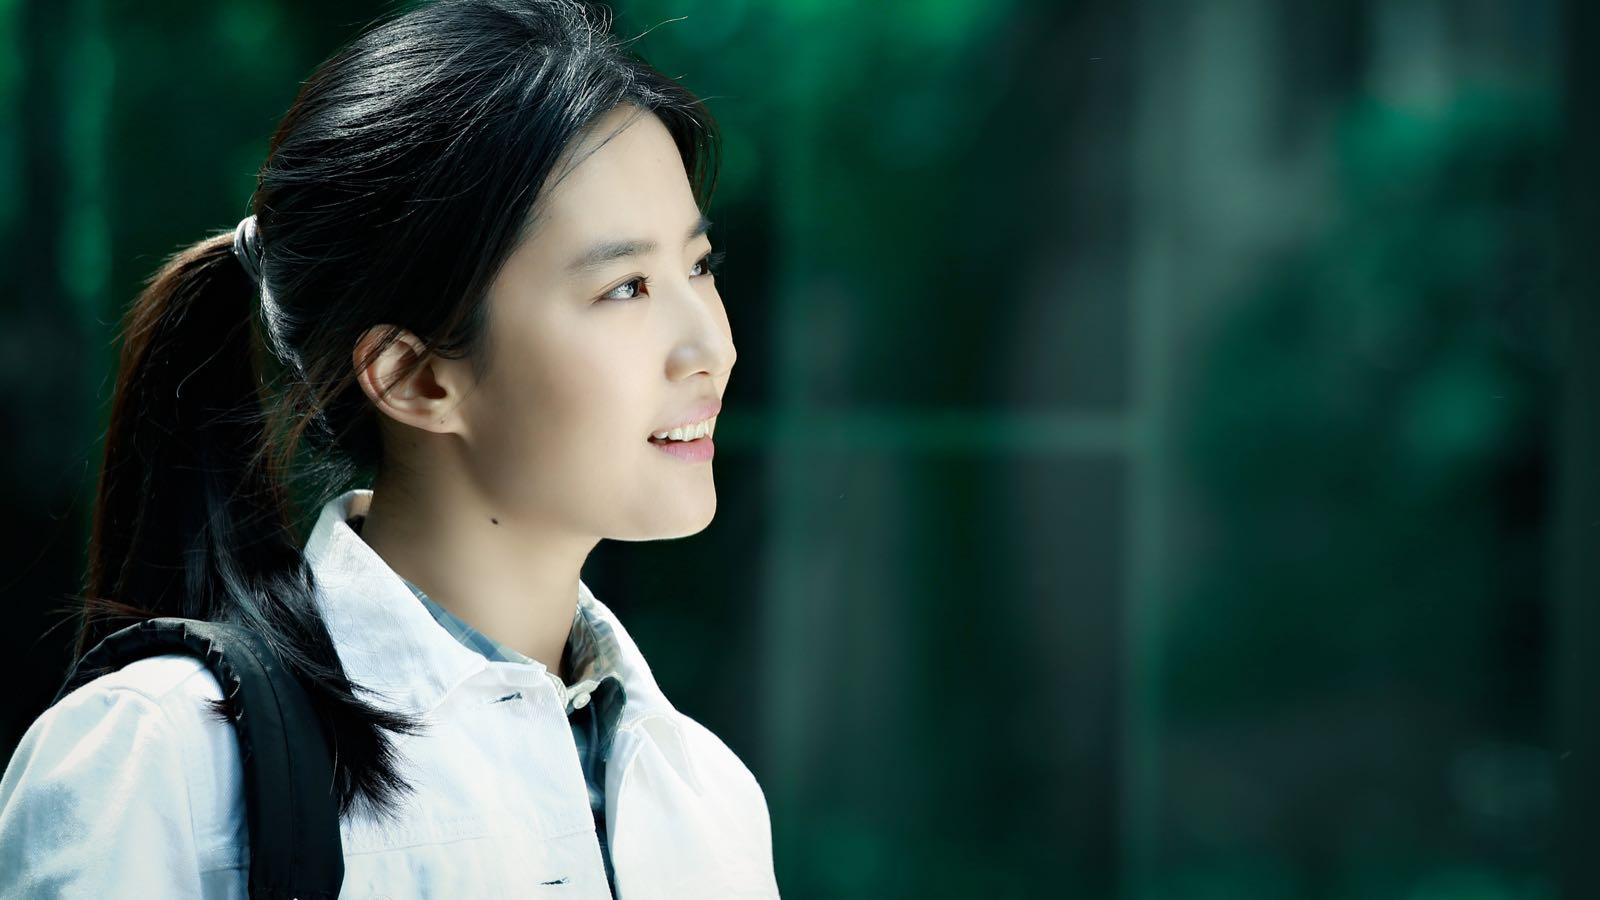 致青春2海报原图  《刘亦菲》[2016.7.12]